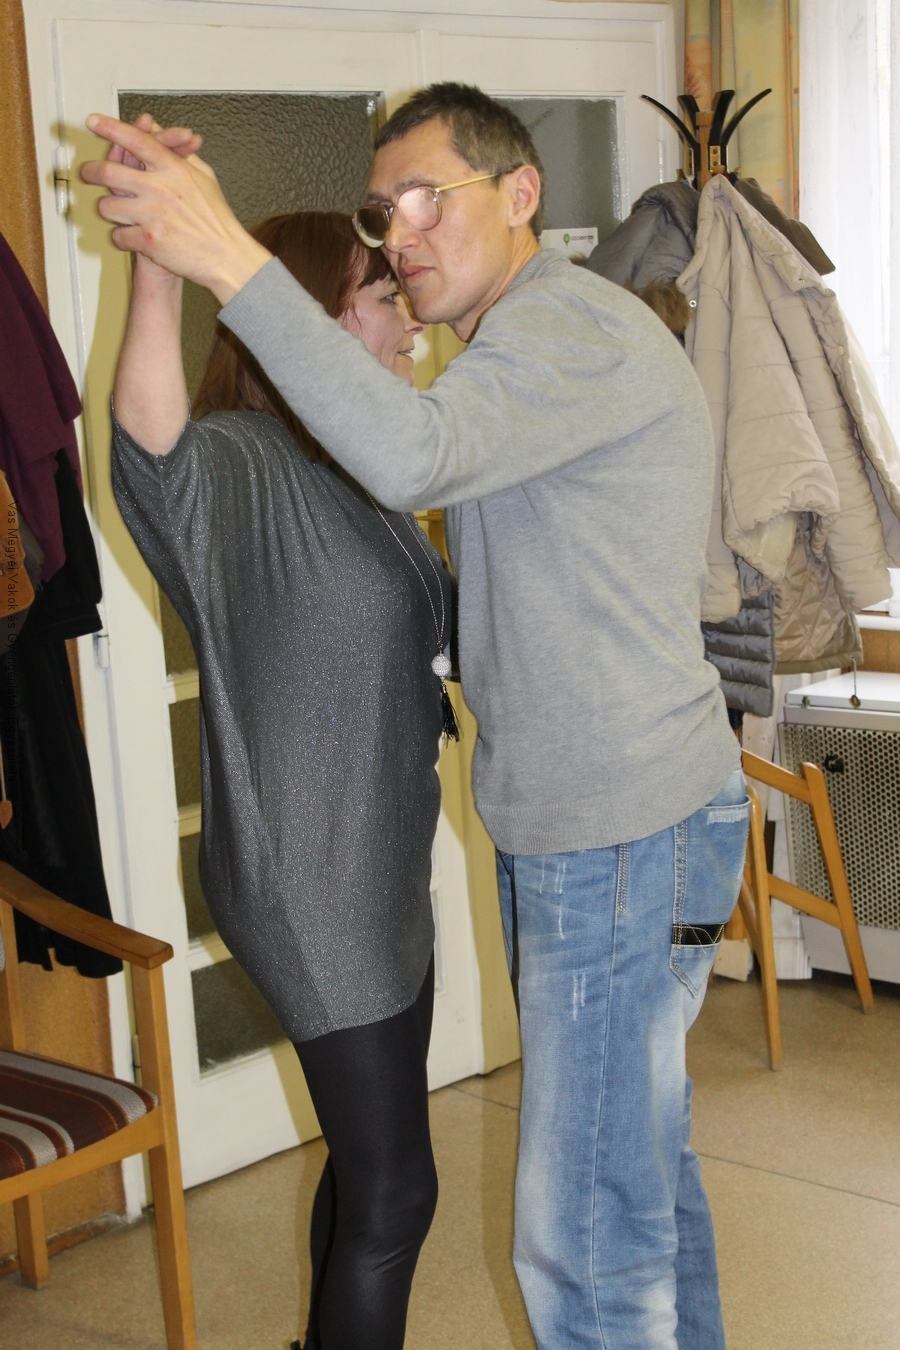 Vörös Lajos és Gyöngyvér táncolnak.